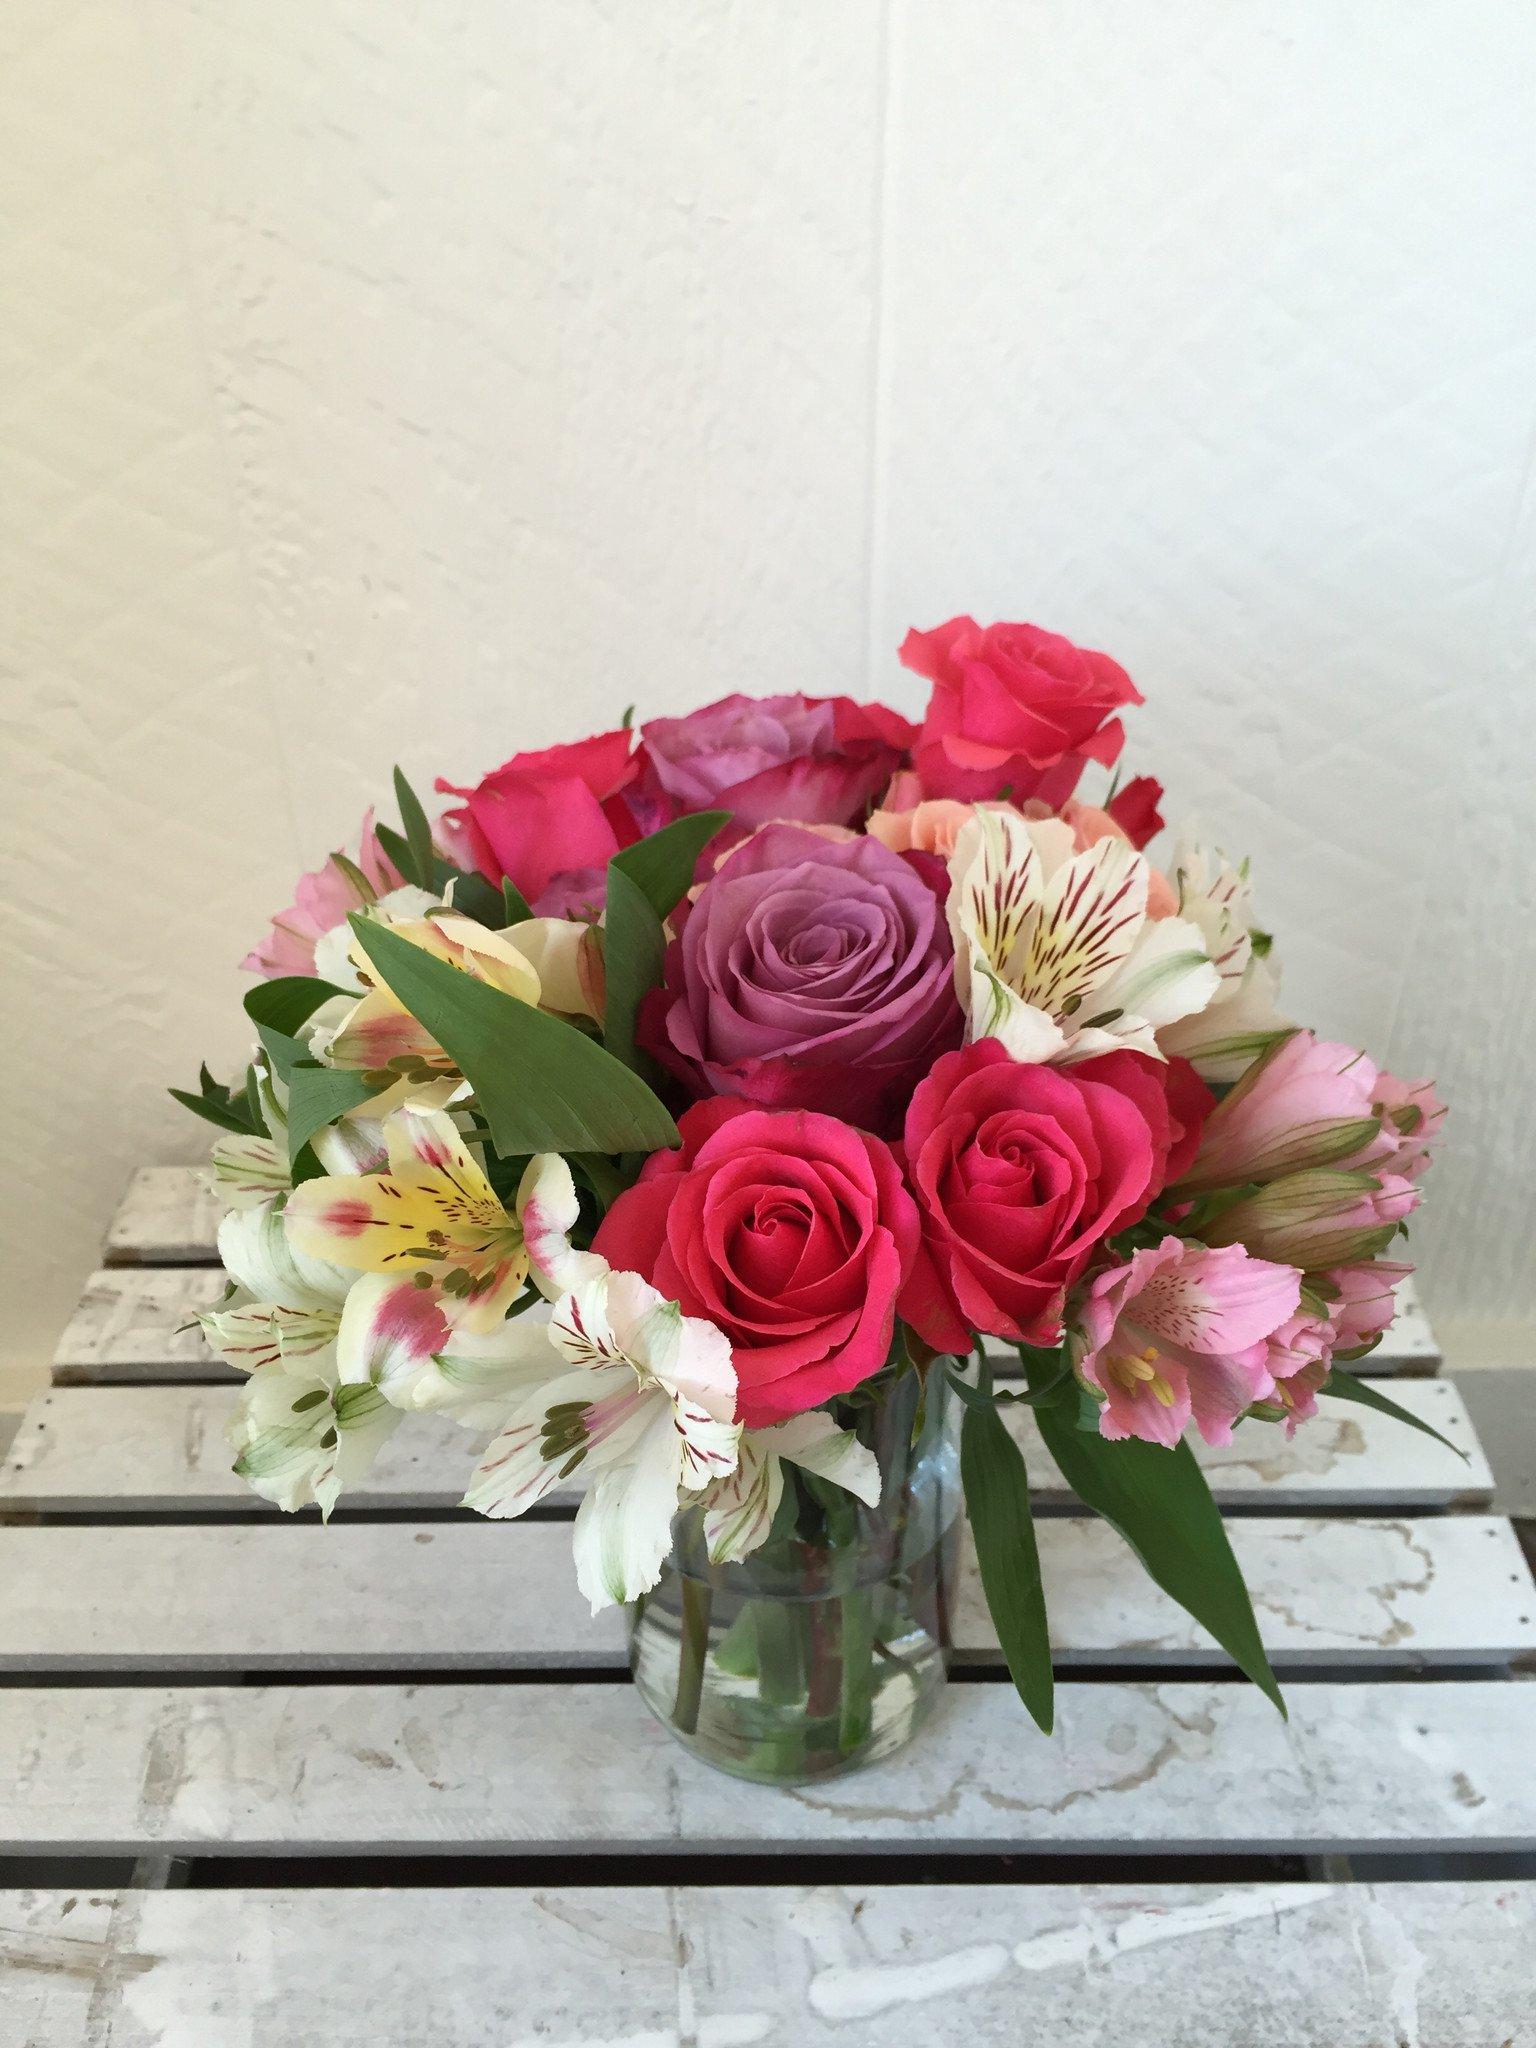 Un bouquet de fleurs favoris est une idée pratique cadeau pour grand mère 80 ans